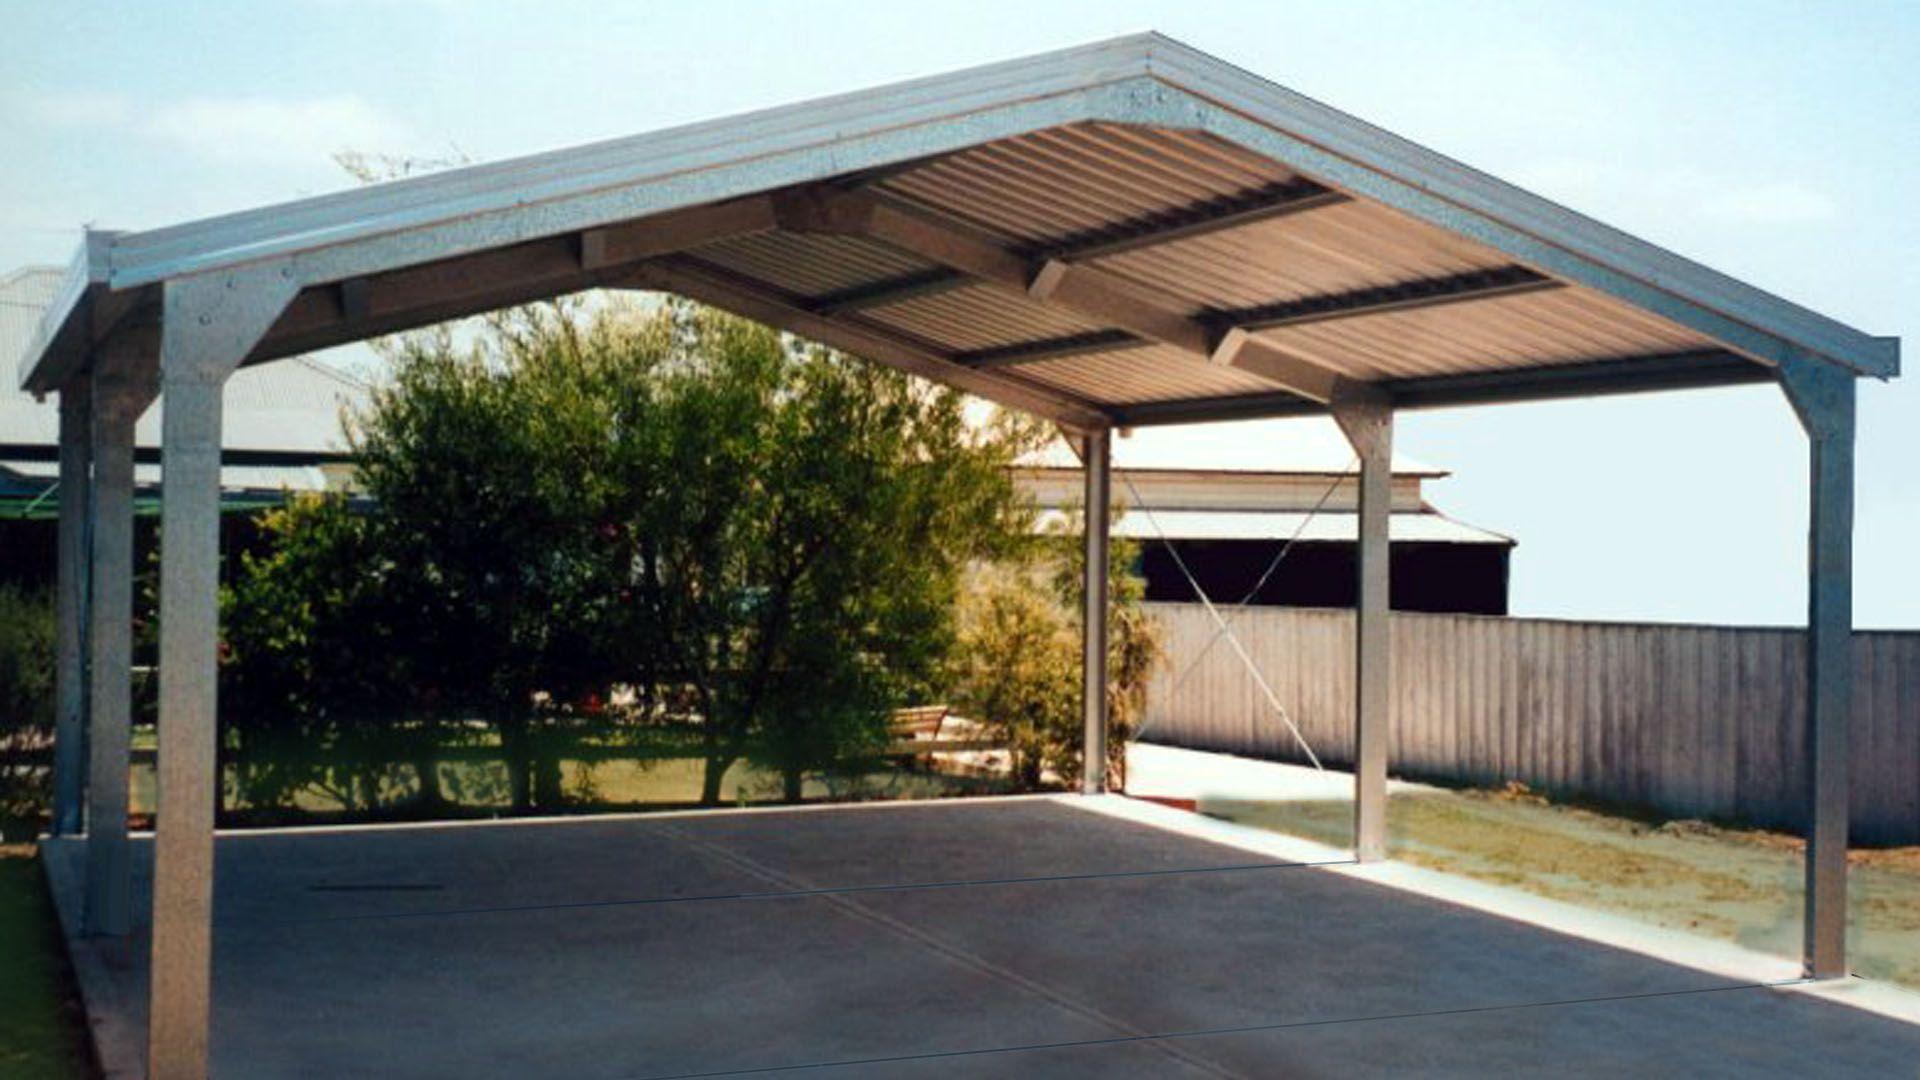 Carports Carports Carports And Garaports Carport Designs Roof Design Carport